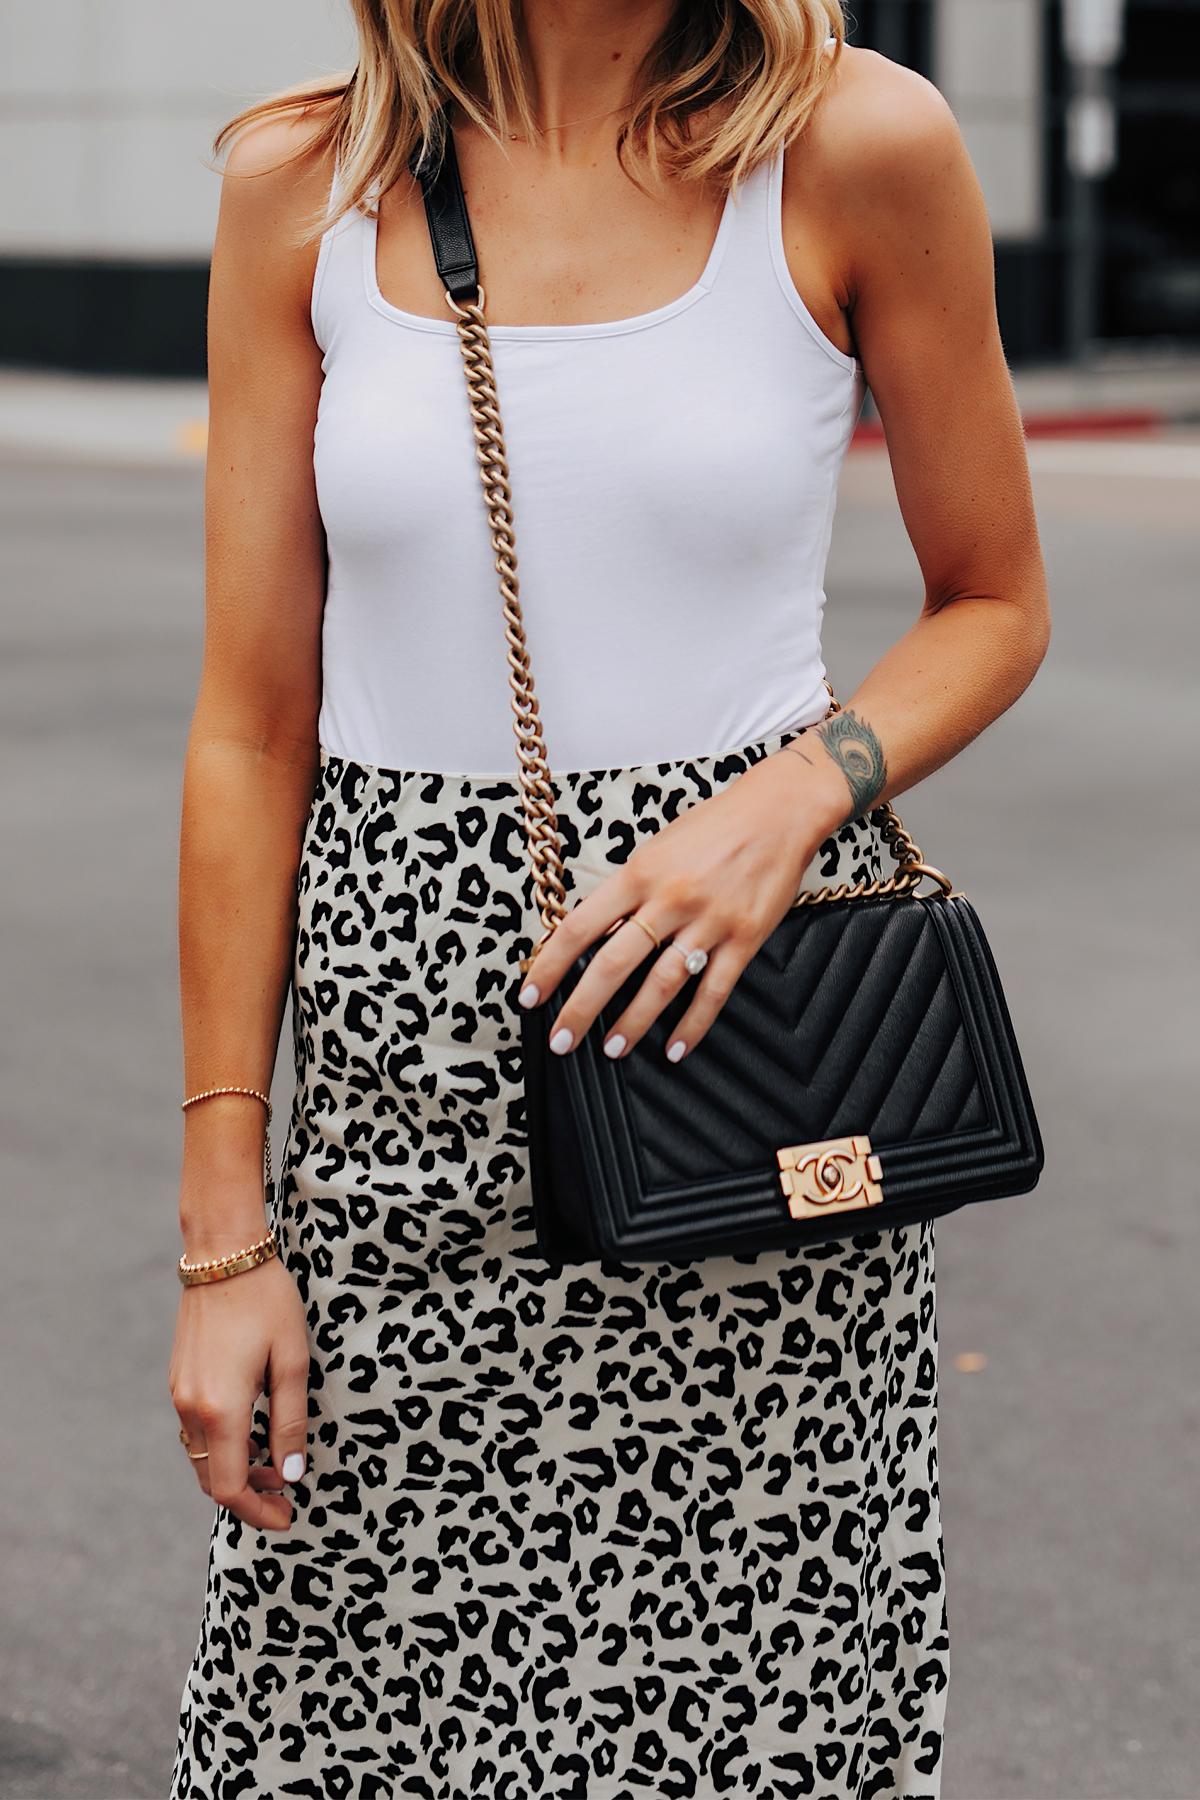 Fashion Jackson Wearing White Tank Leopard Skirt Chanel Black Boy Bag